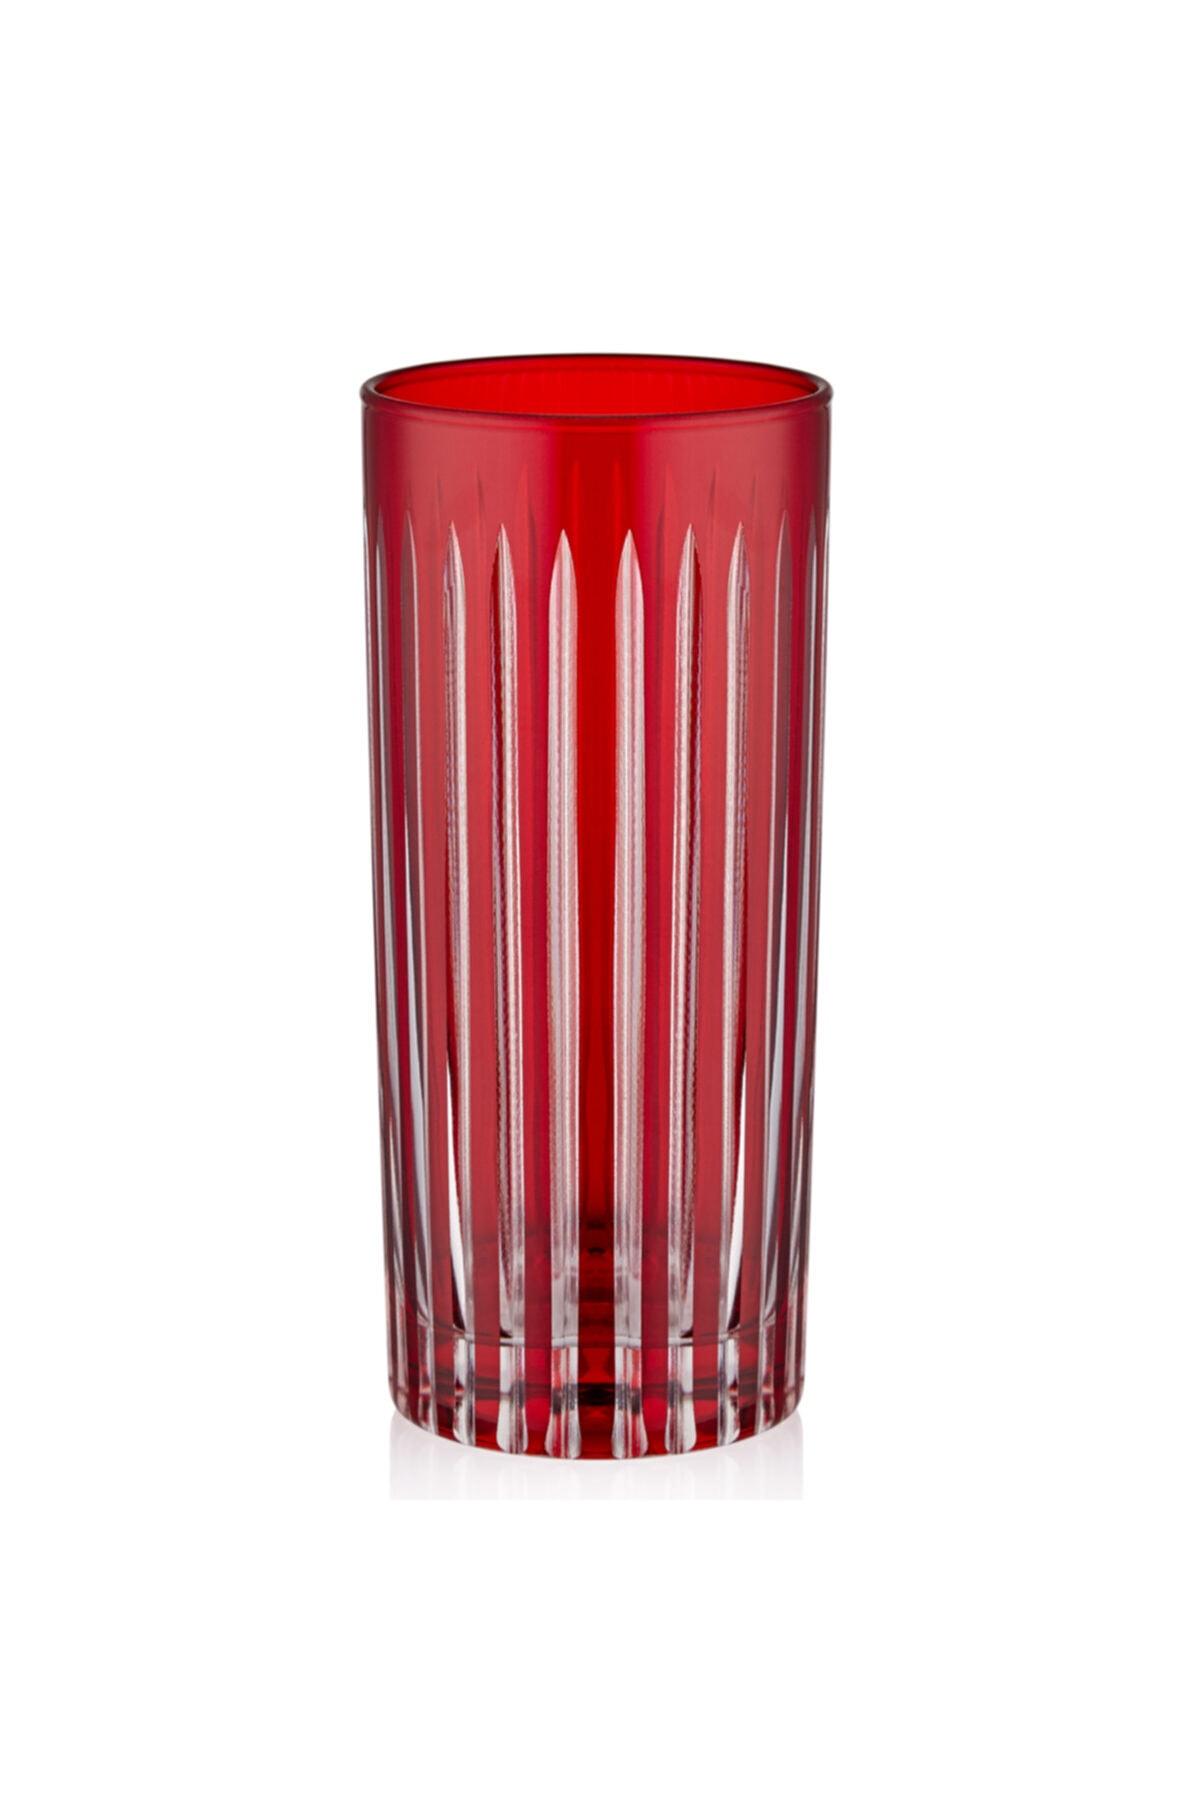 CHIARA ALESSI Stella Kırmızı Su Bardağı 1